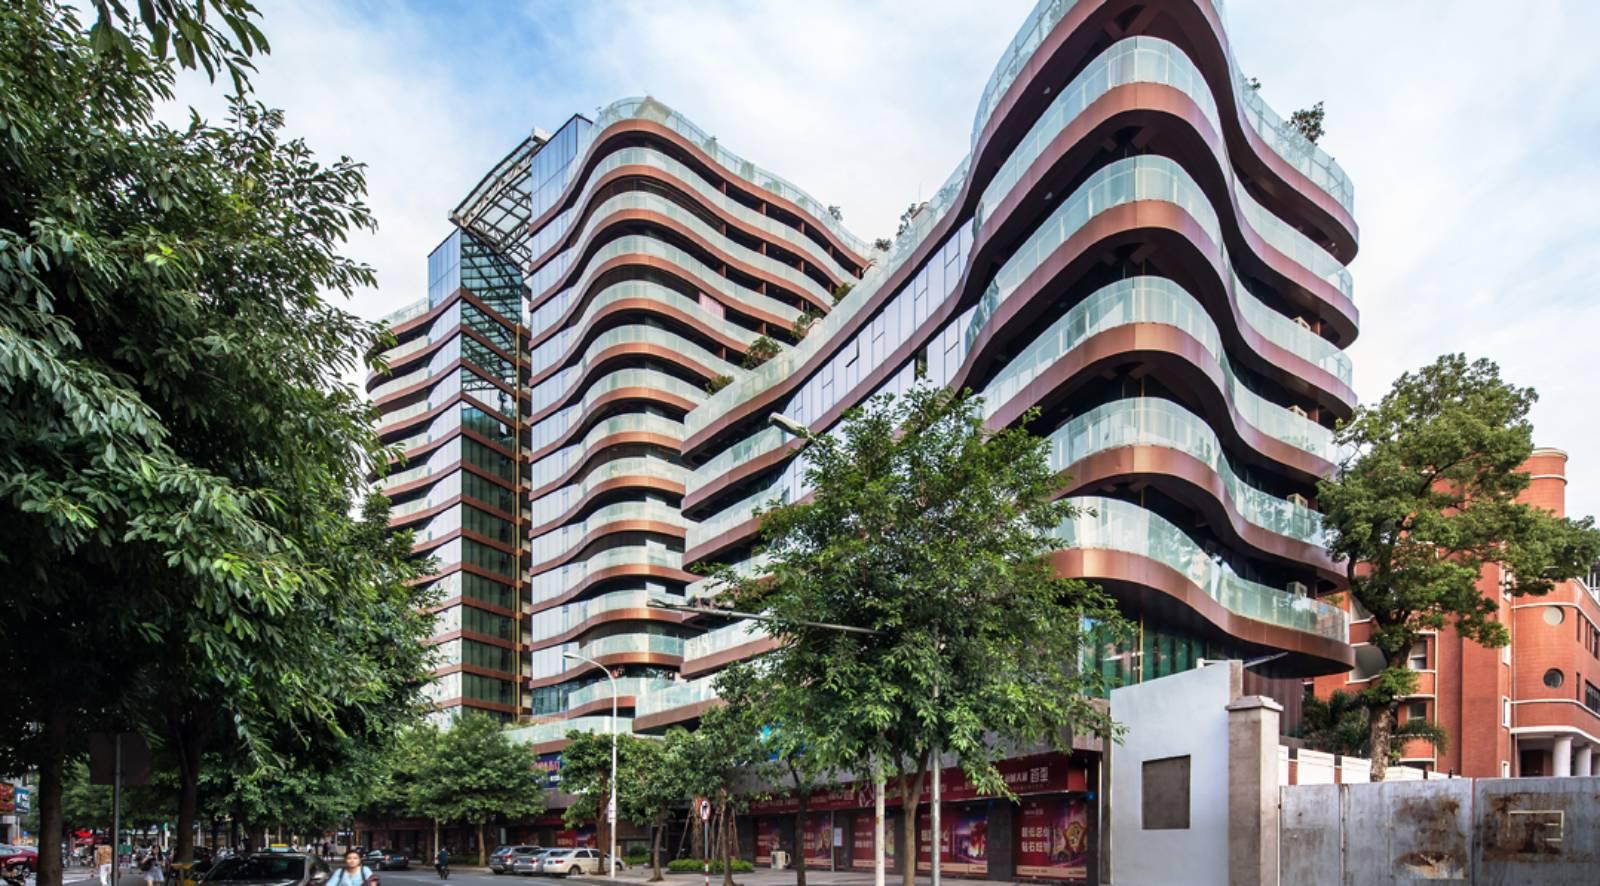 Fuzhou Shouxi building